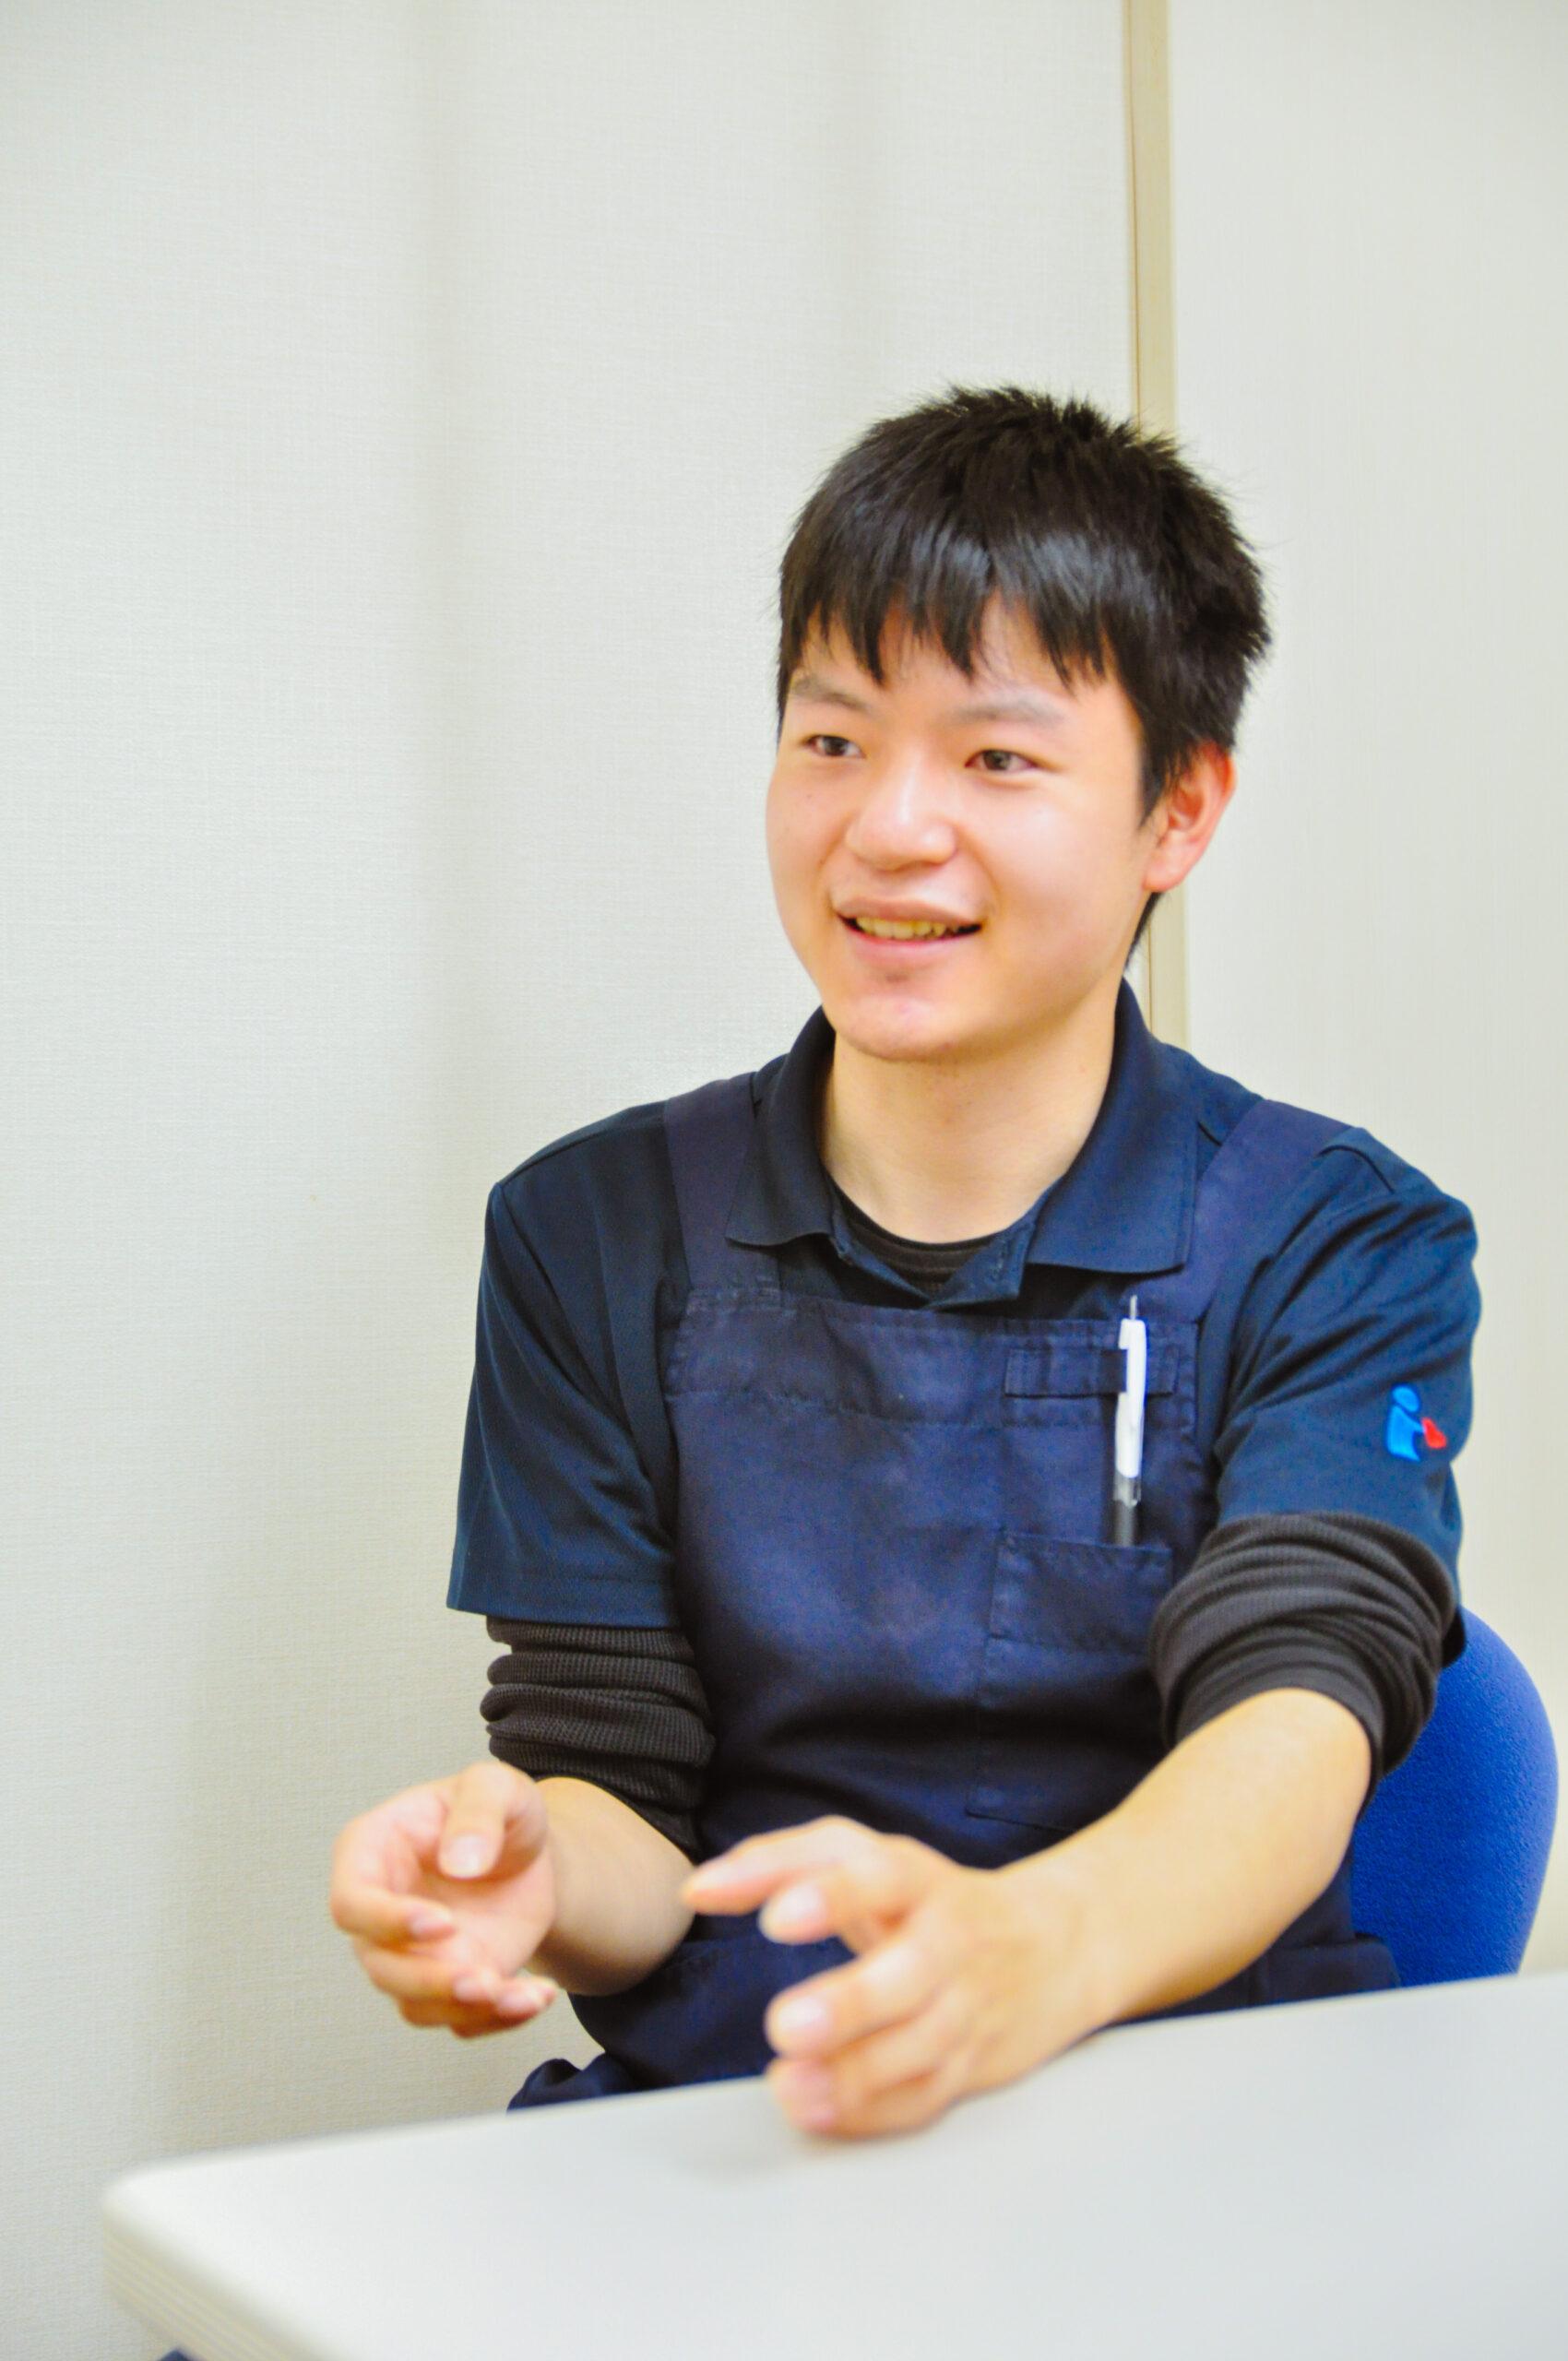 愛・グループホーム板橋ときわ台<br>介護スタッフ 三村さん イメージ